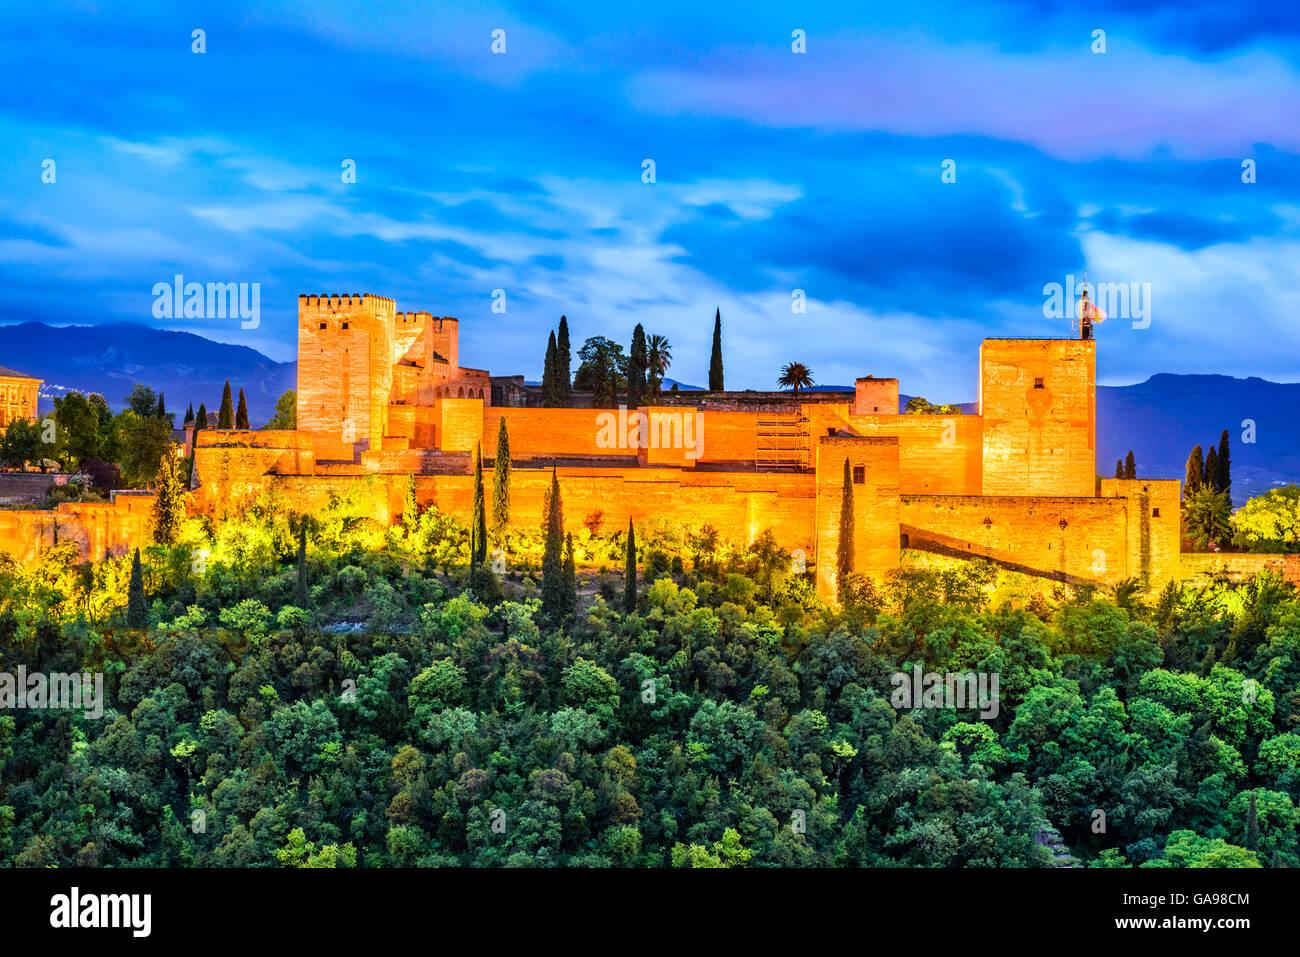 Granada, Espagne. Vue de nuit sur la célèbre Alhambra avec l'Alcazaba, les voyages en Europe vue en Photo Stock